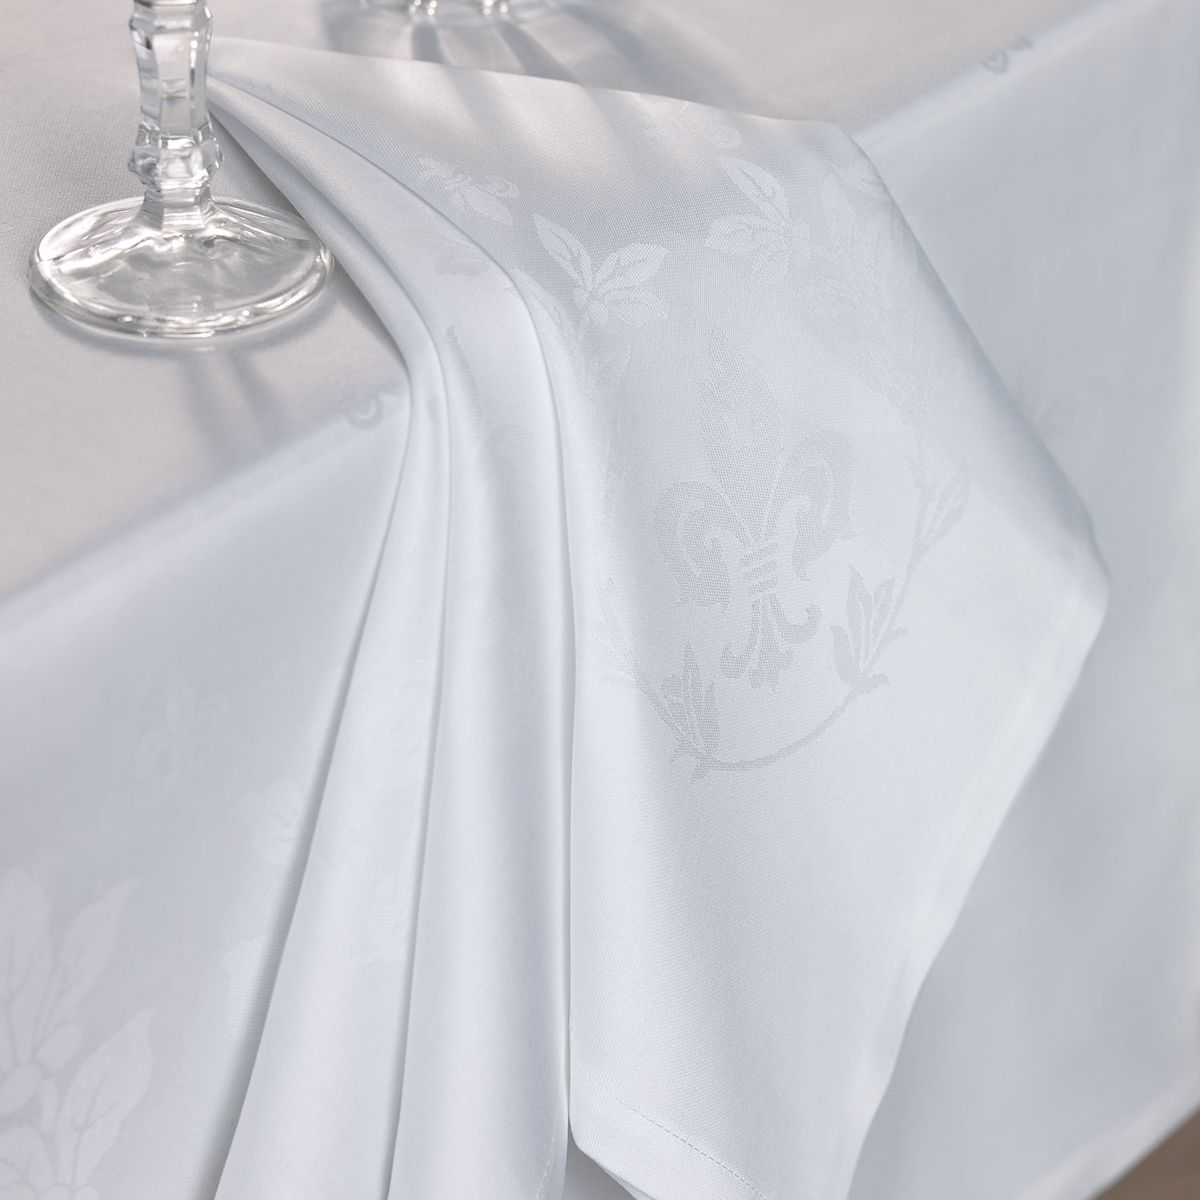 Салфетка для сервировки стола Togas Роял, цвет: белый, 53 х 53 смCLP446Салфетка для сервировки стола Togas Роял, выполнена из высококачественного 100% хлопка.Салфетка декорирована барочным орнаментом, имитирующим лепнину на потолке. Расходящиеся изогнутые линии узора образуют круглую центральную часть.Изделия из хлопка просты в эксплуатации, легко стираются и сохраняют свои эстетические свойства в течение долгого времени. Натуральные, мягкие и комфортные, салфетки из хлопка прослужат вам долгие годы и станут незаменимым элементом декора - и вашего личного комфорта.